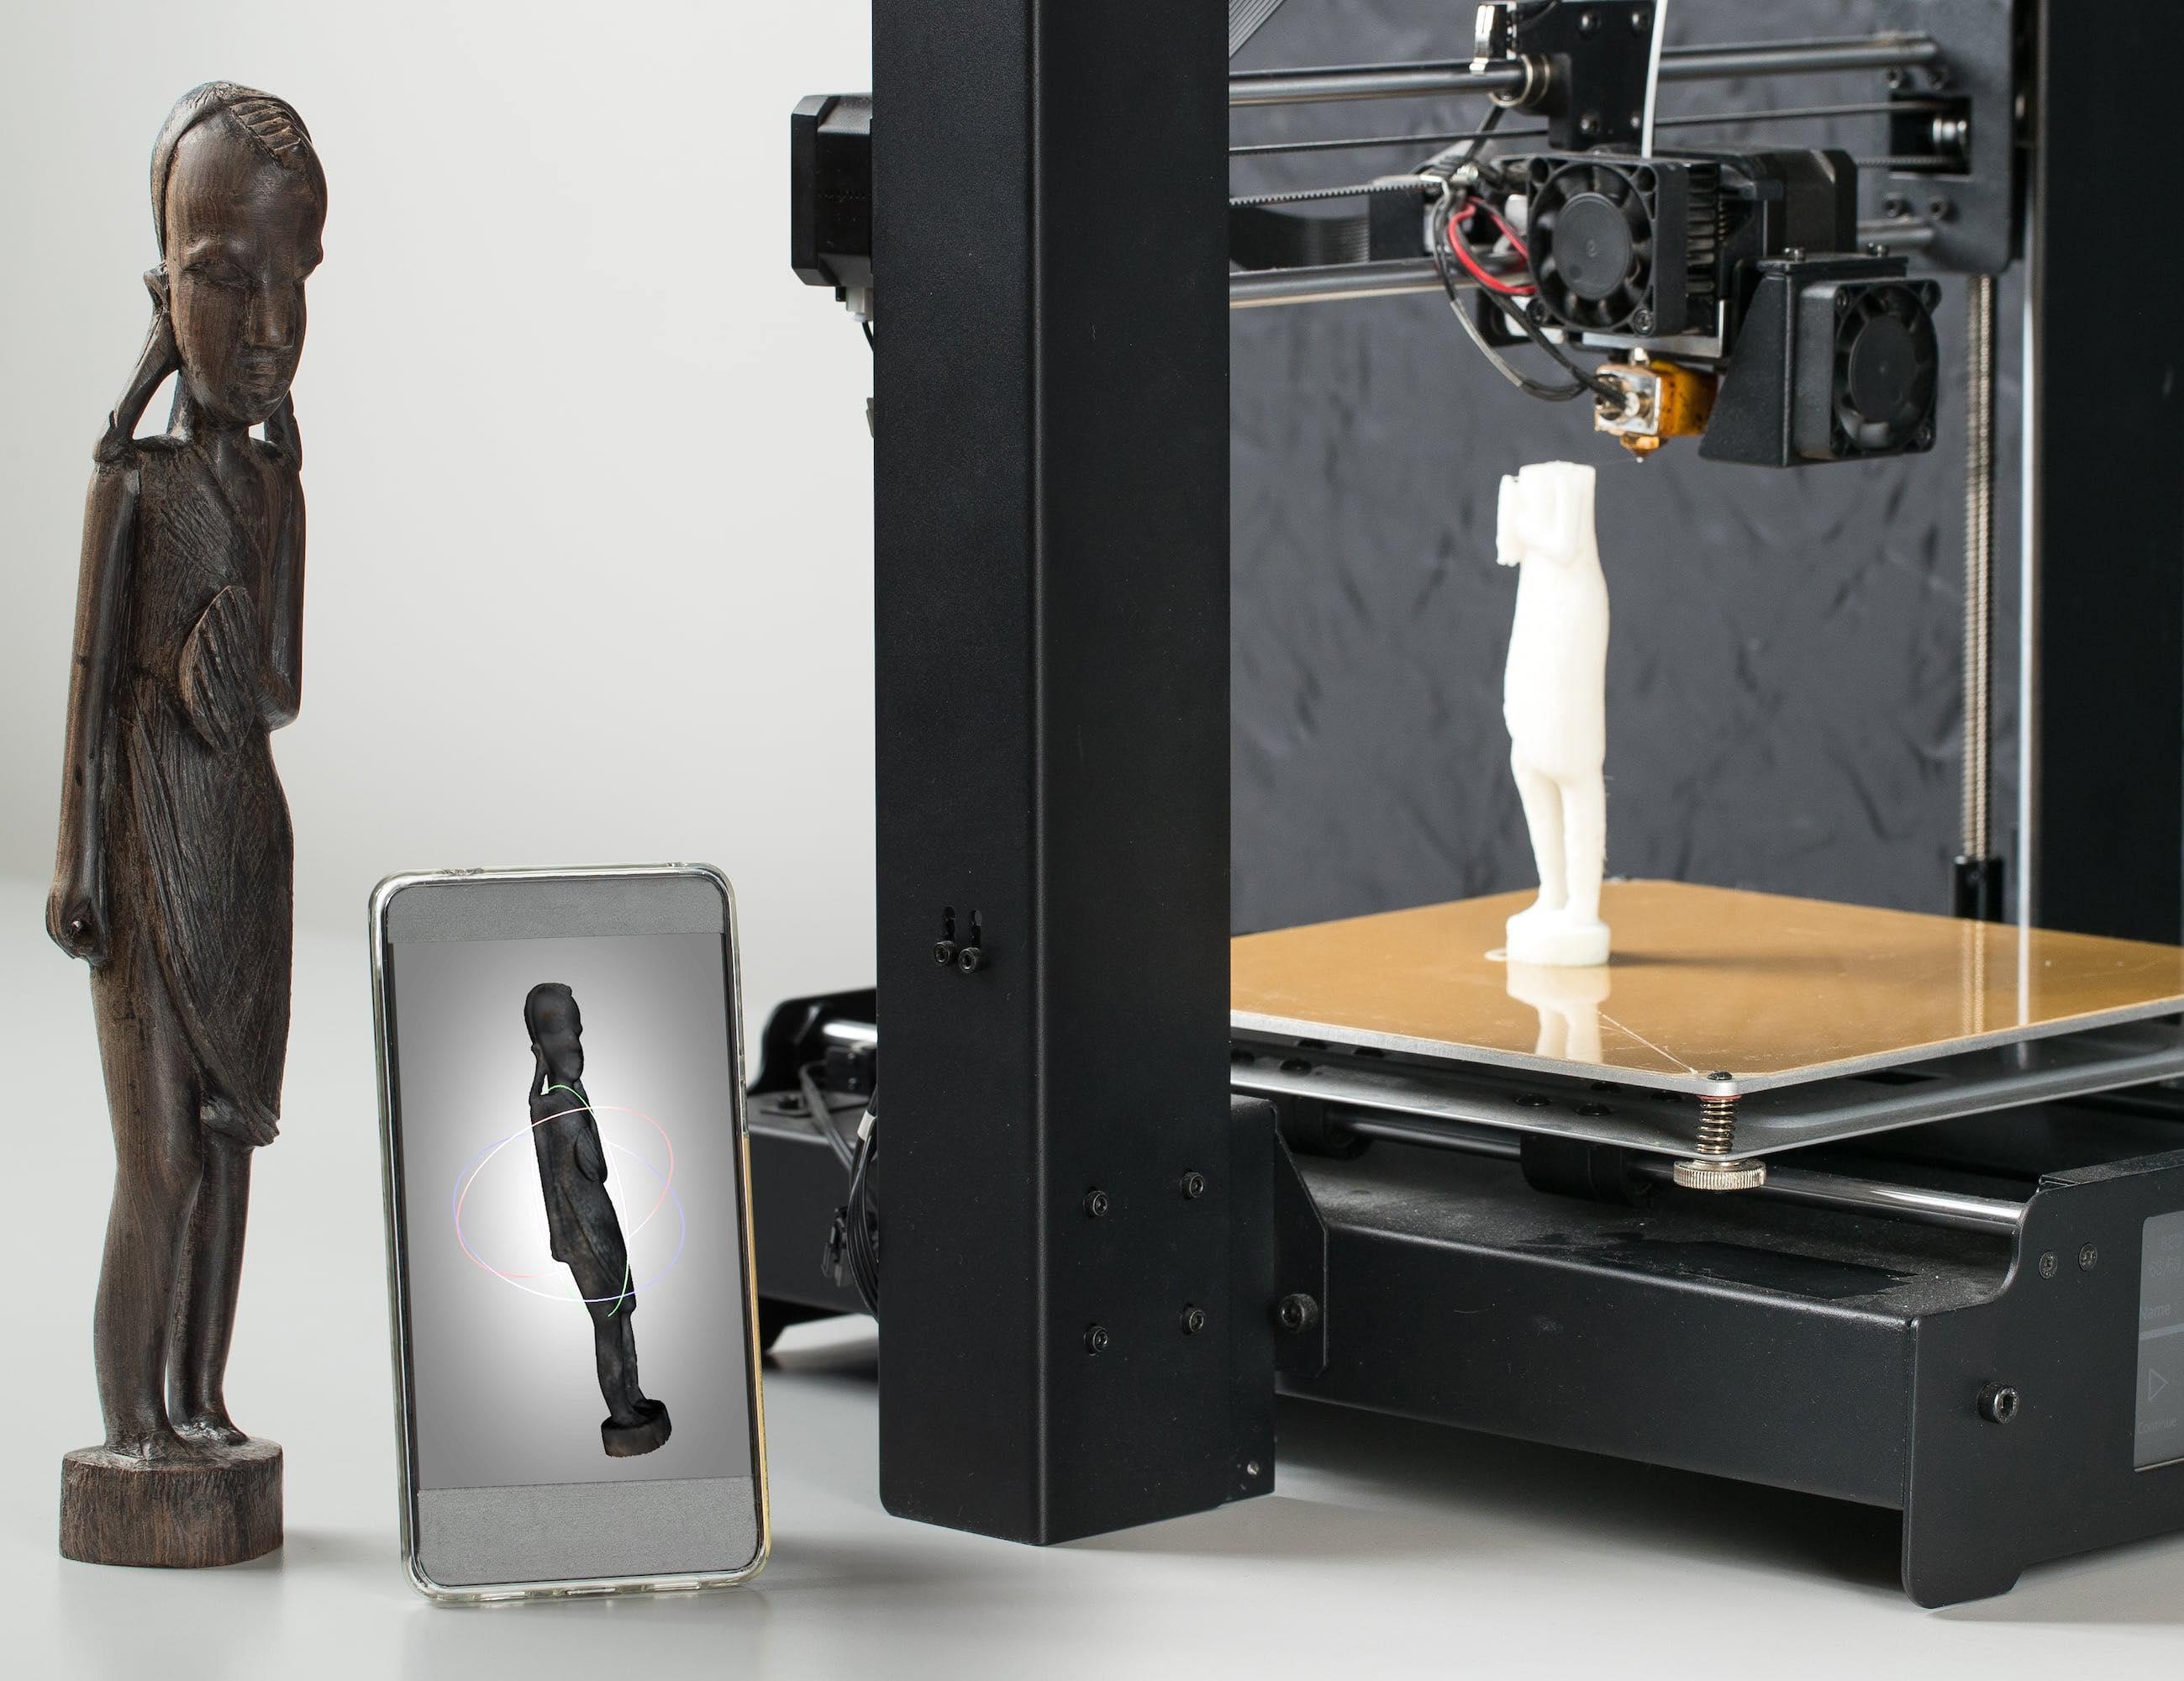 Scoobe3D High-Resolution 3D Scanner